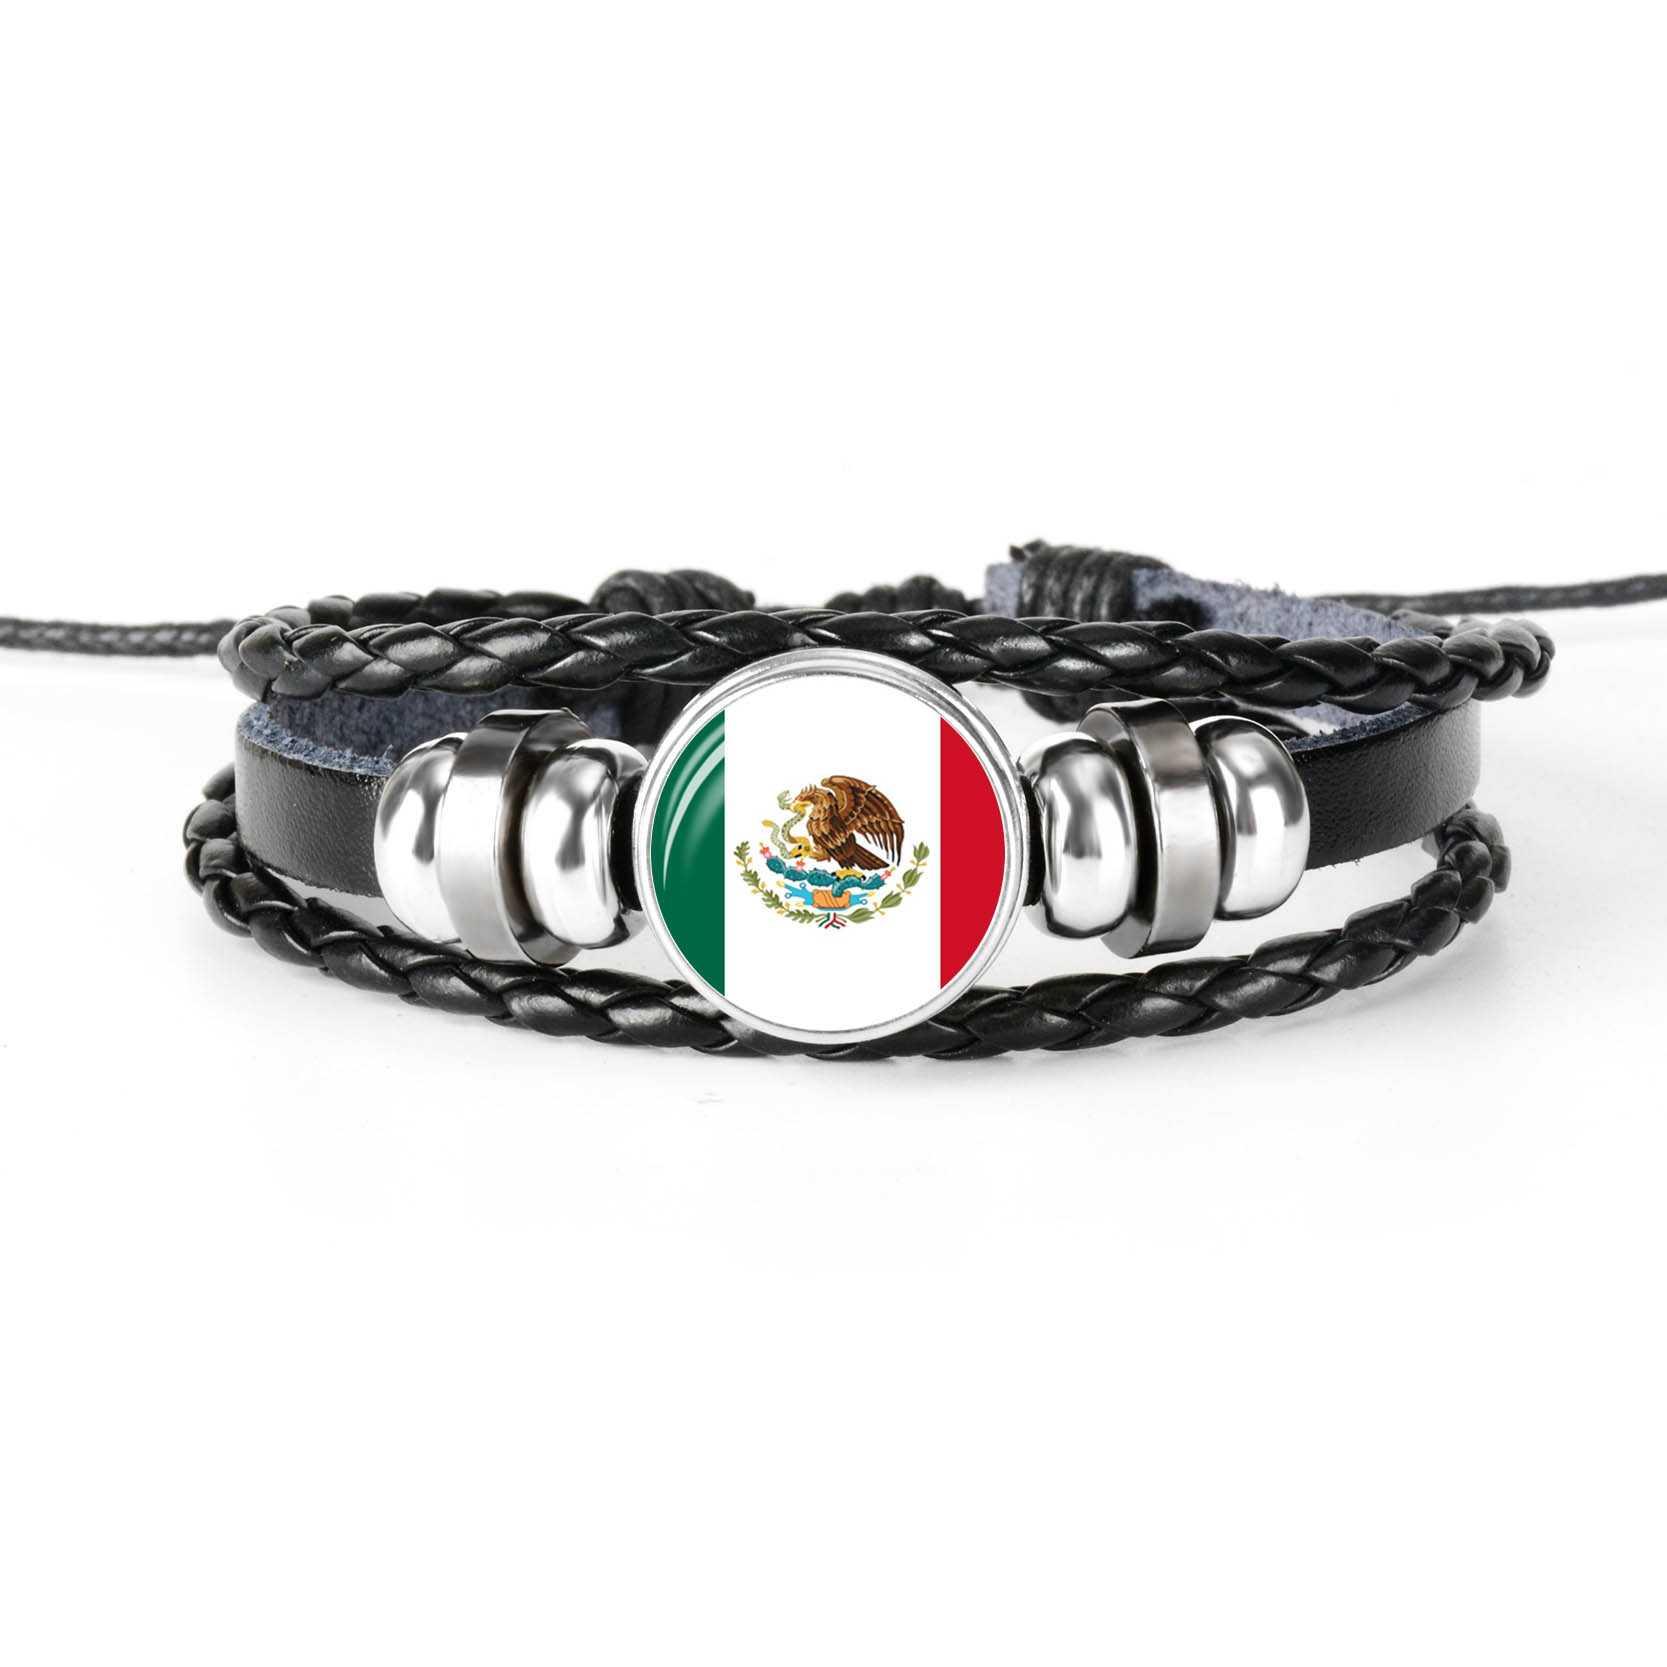 Pulseira de Couro Dos Homens da Bandeira Nacional Do México américa do Haiti Vidro Cabochão Charme Multilayer Trançado Mulheres